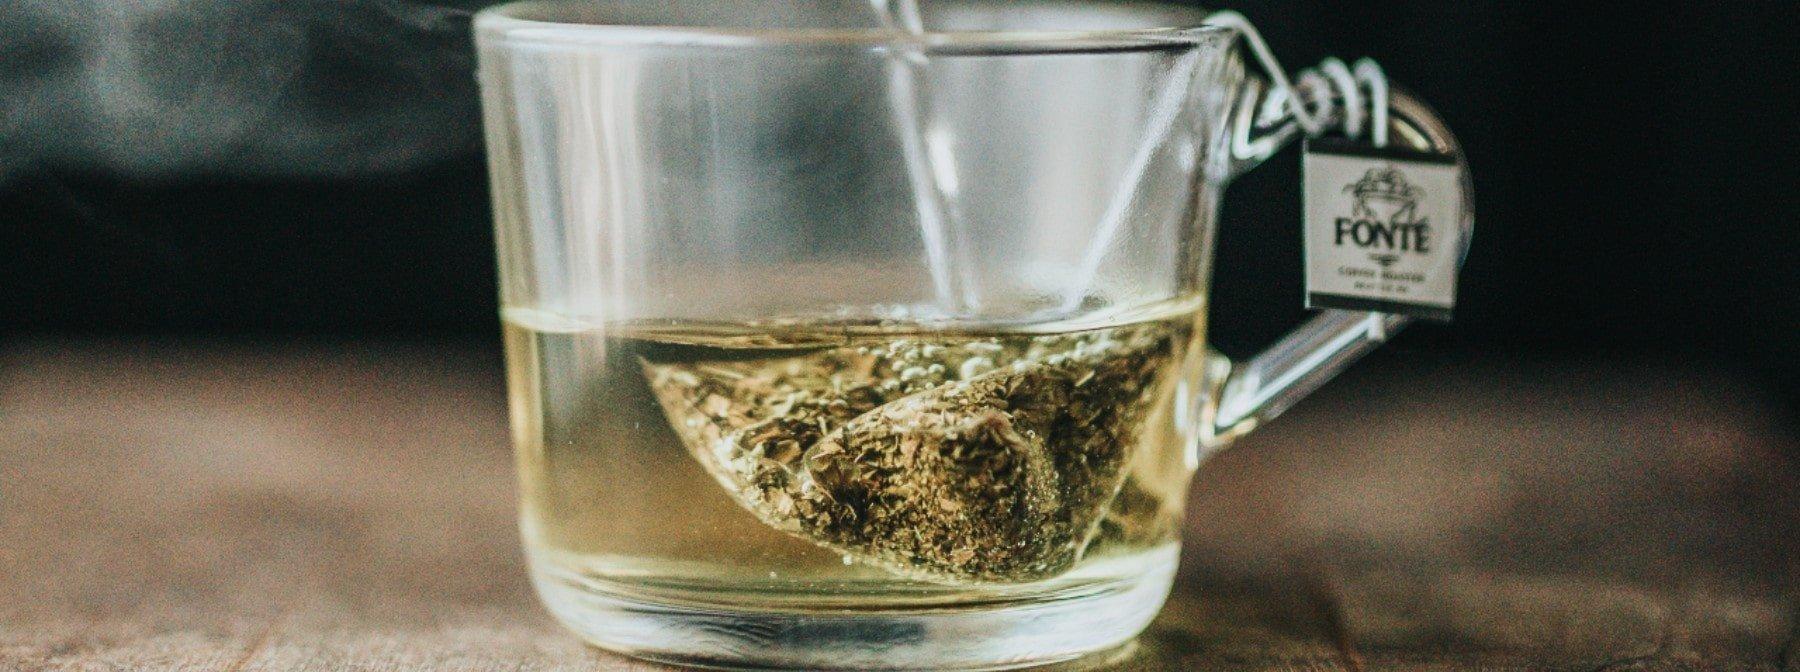 Hilft grüner Tee beim Abnehmen?